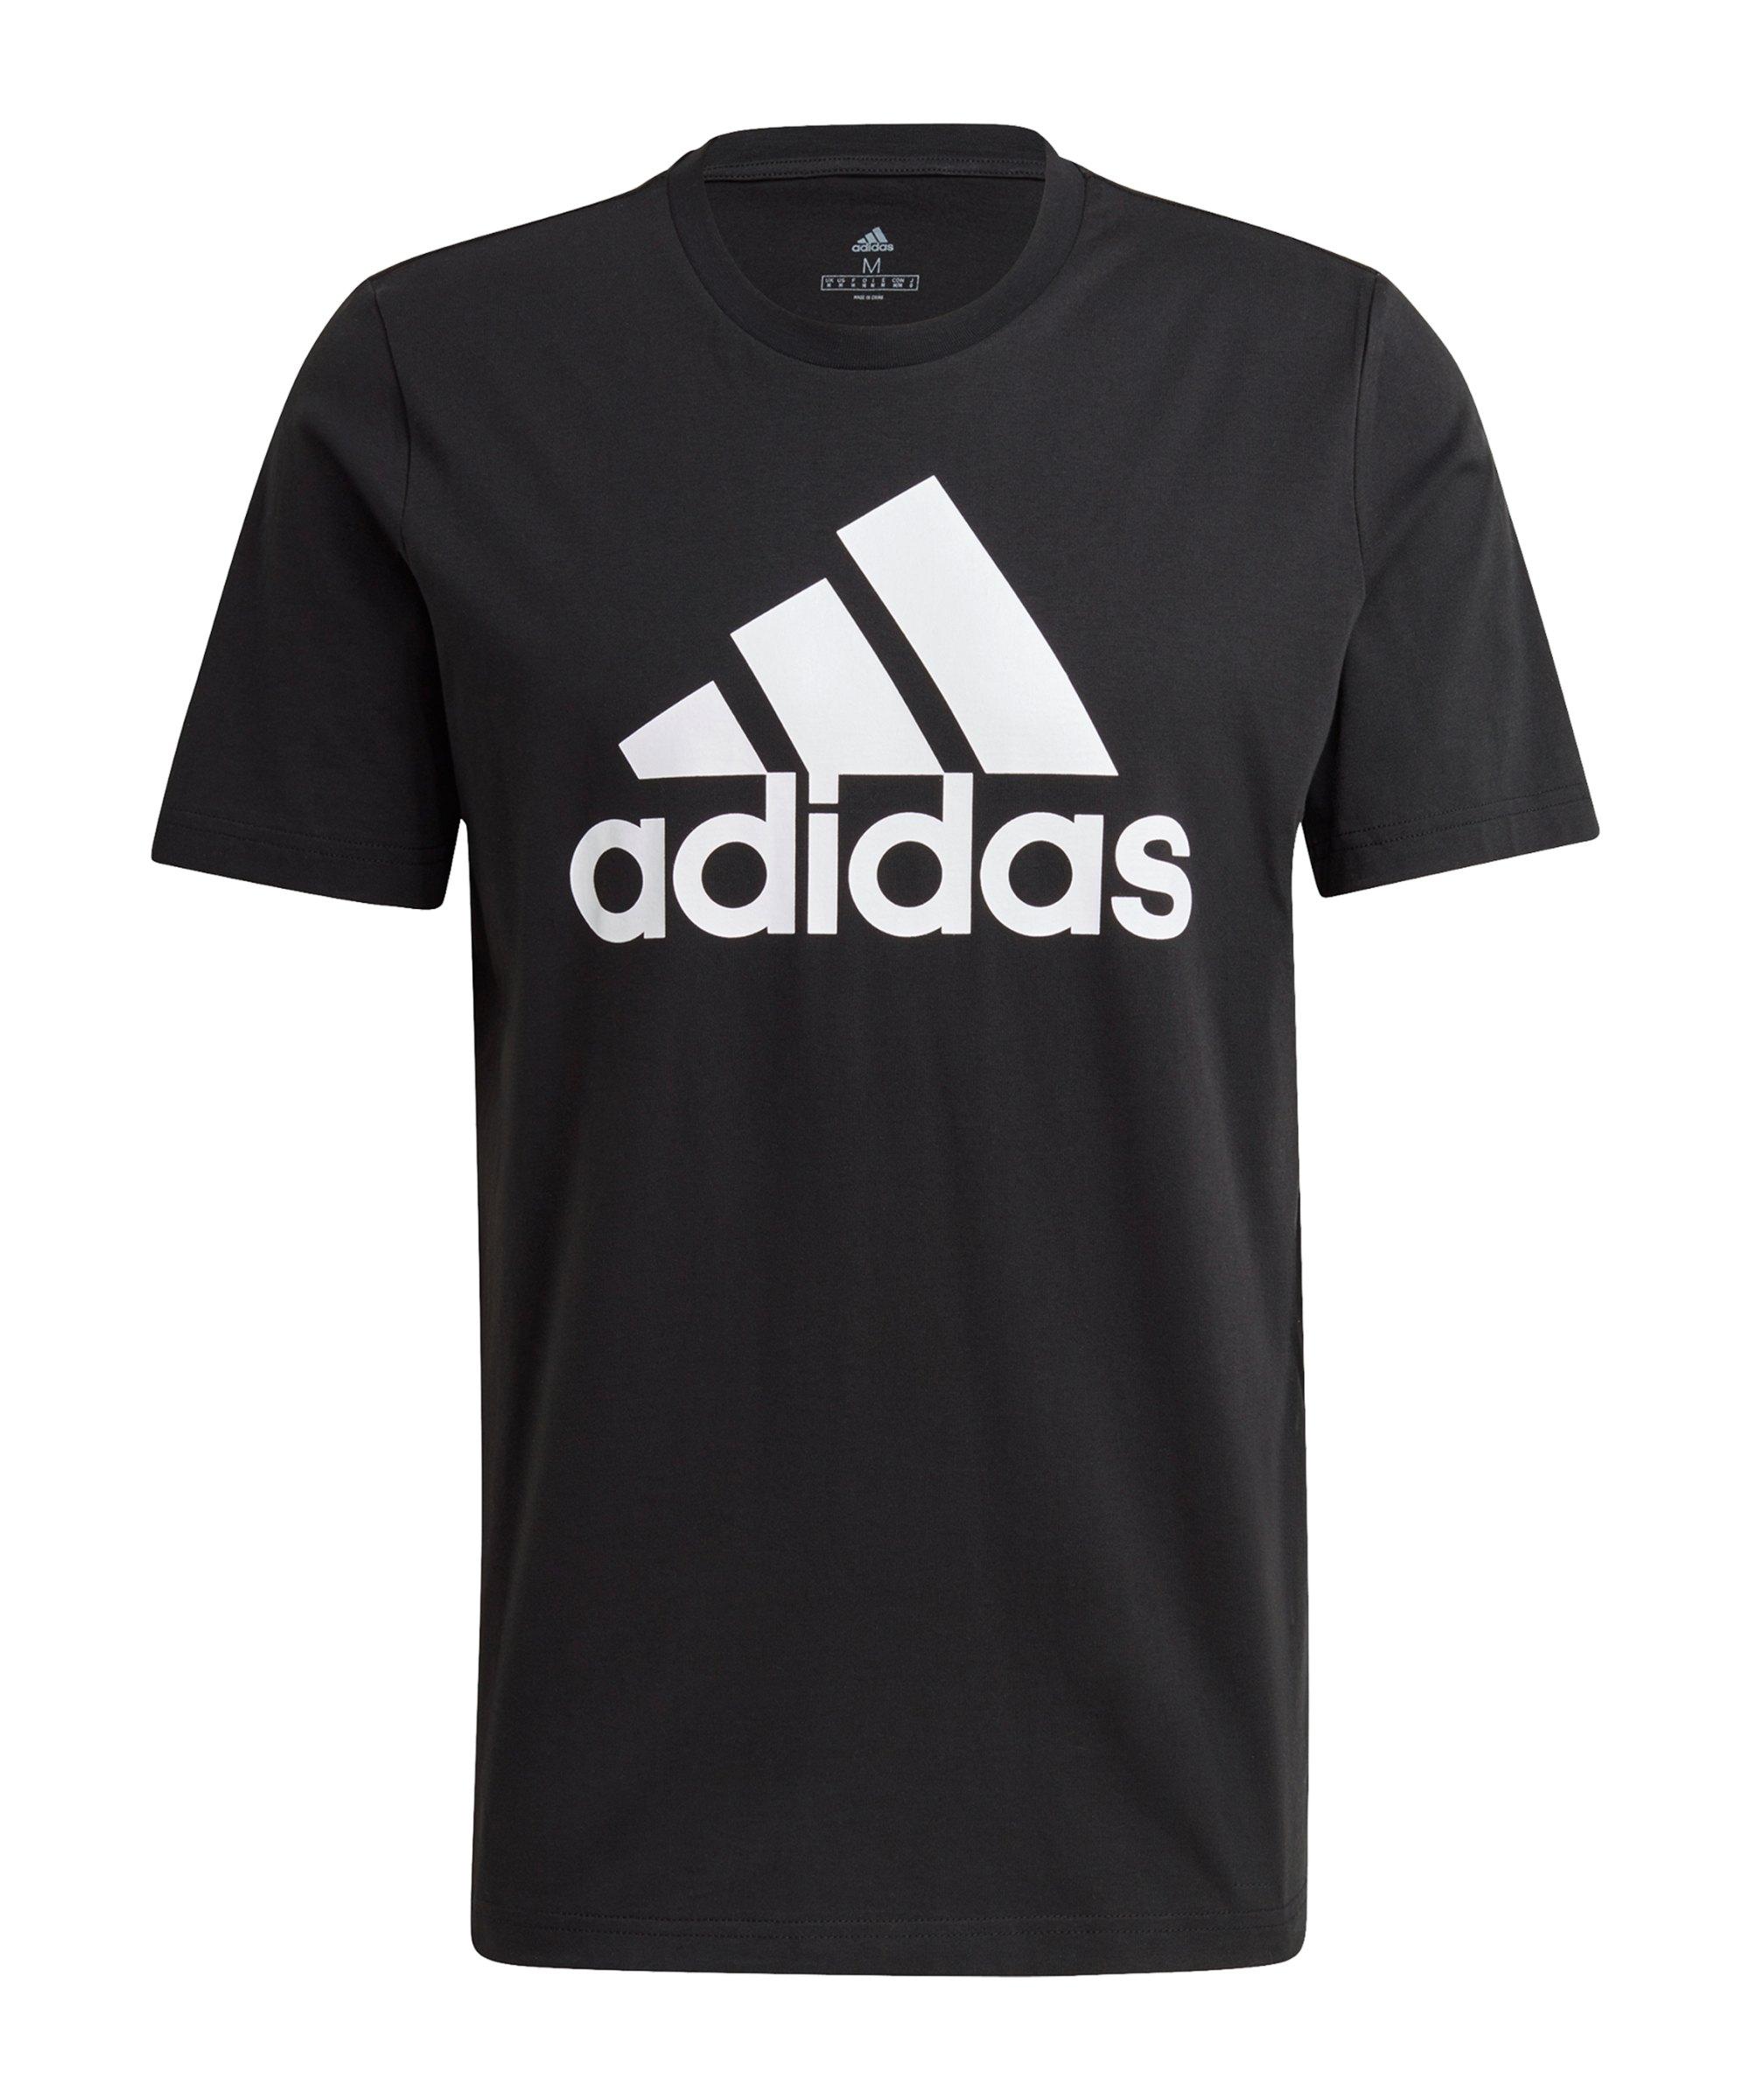 adidas Essentials T-Shirt Schwarz Weiss - schwarz